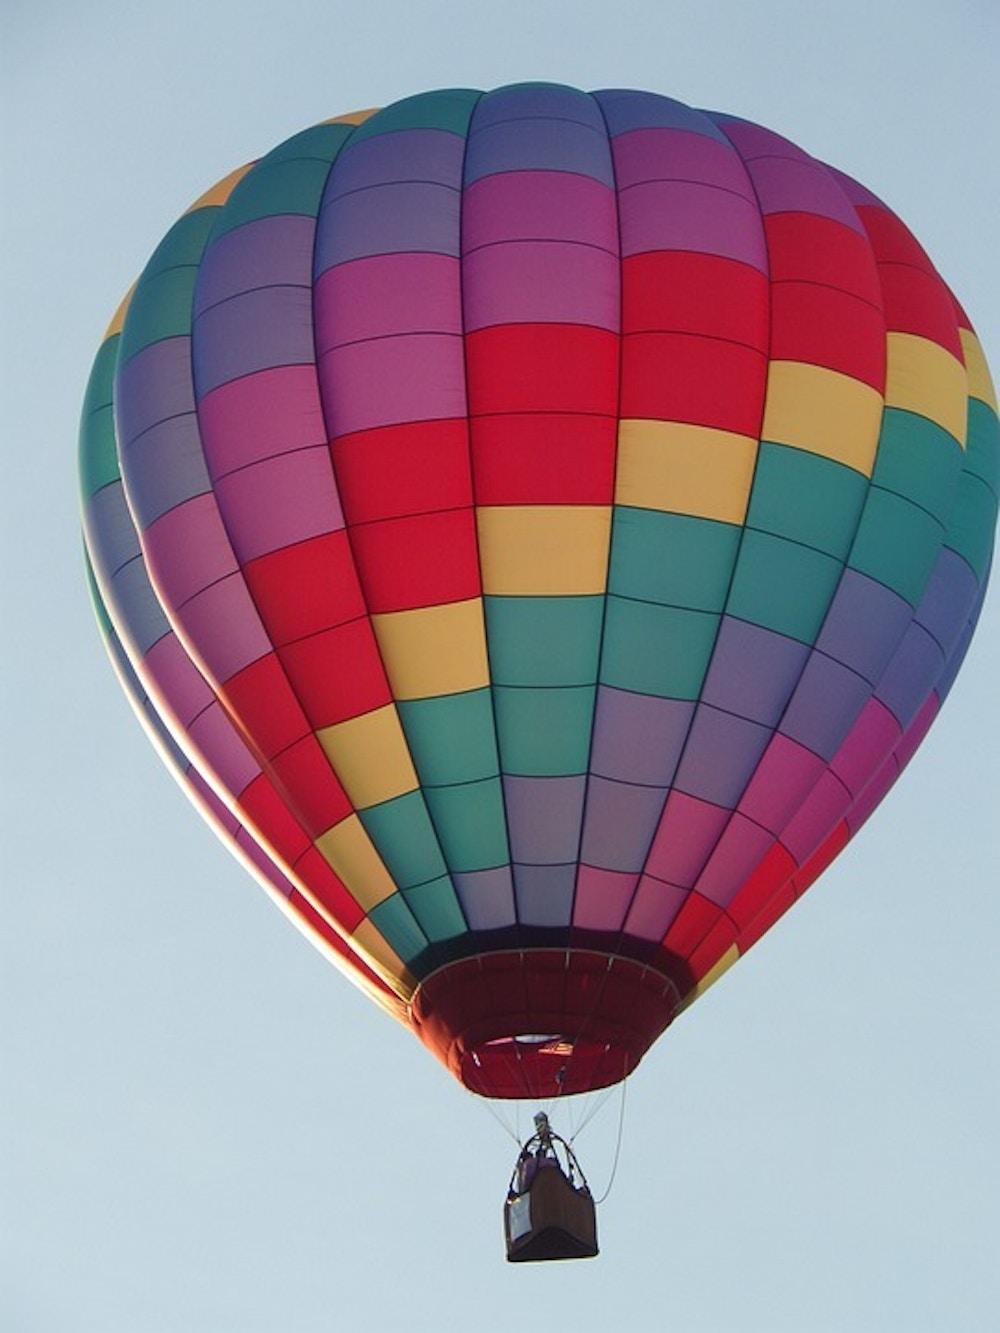 Hot air balloon 3109760 960 720